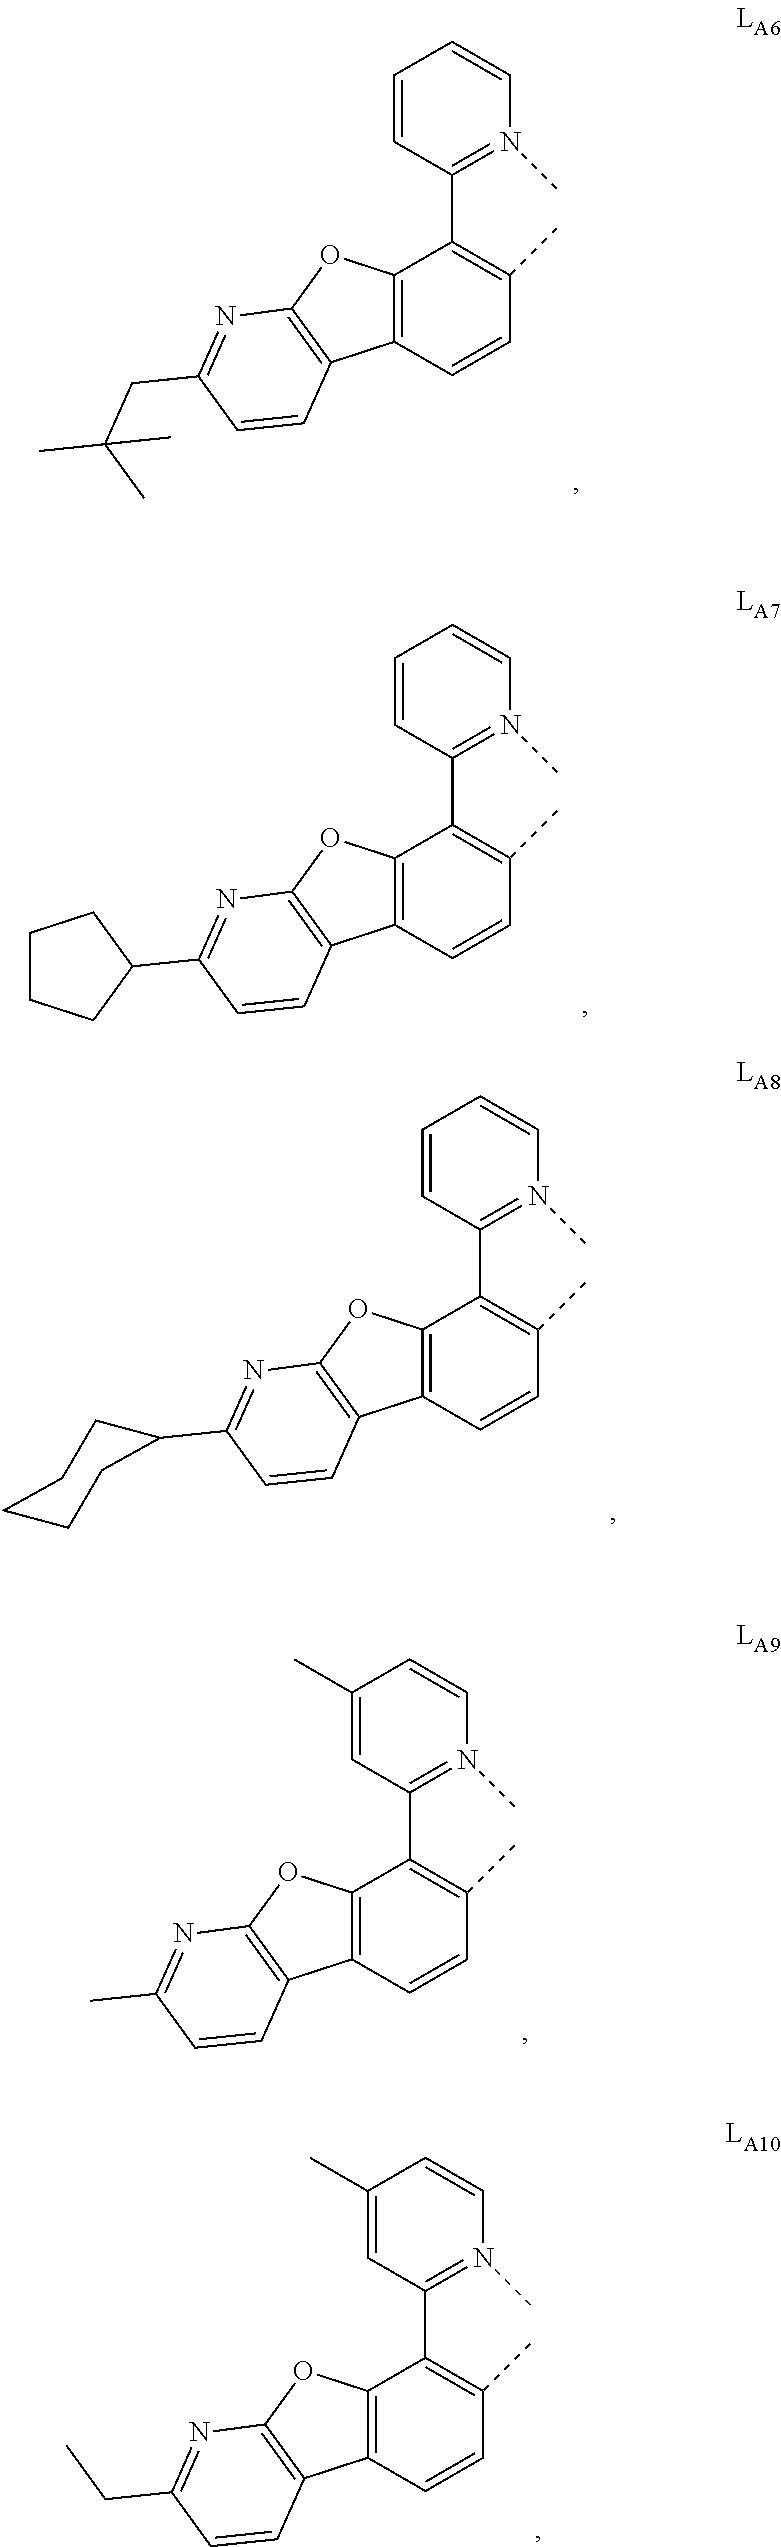 Figure US20160049599A1-20160218-C00402